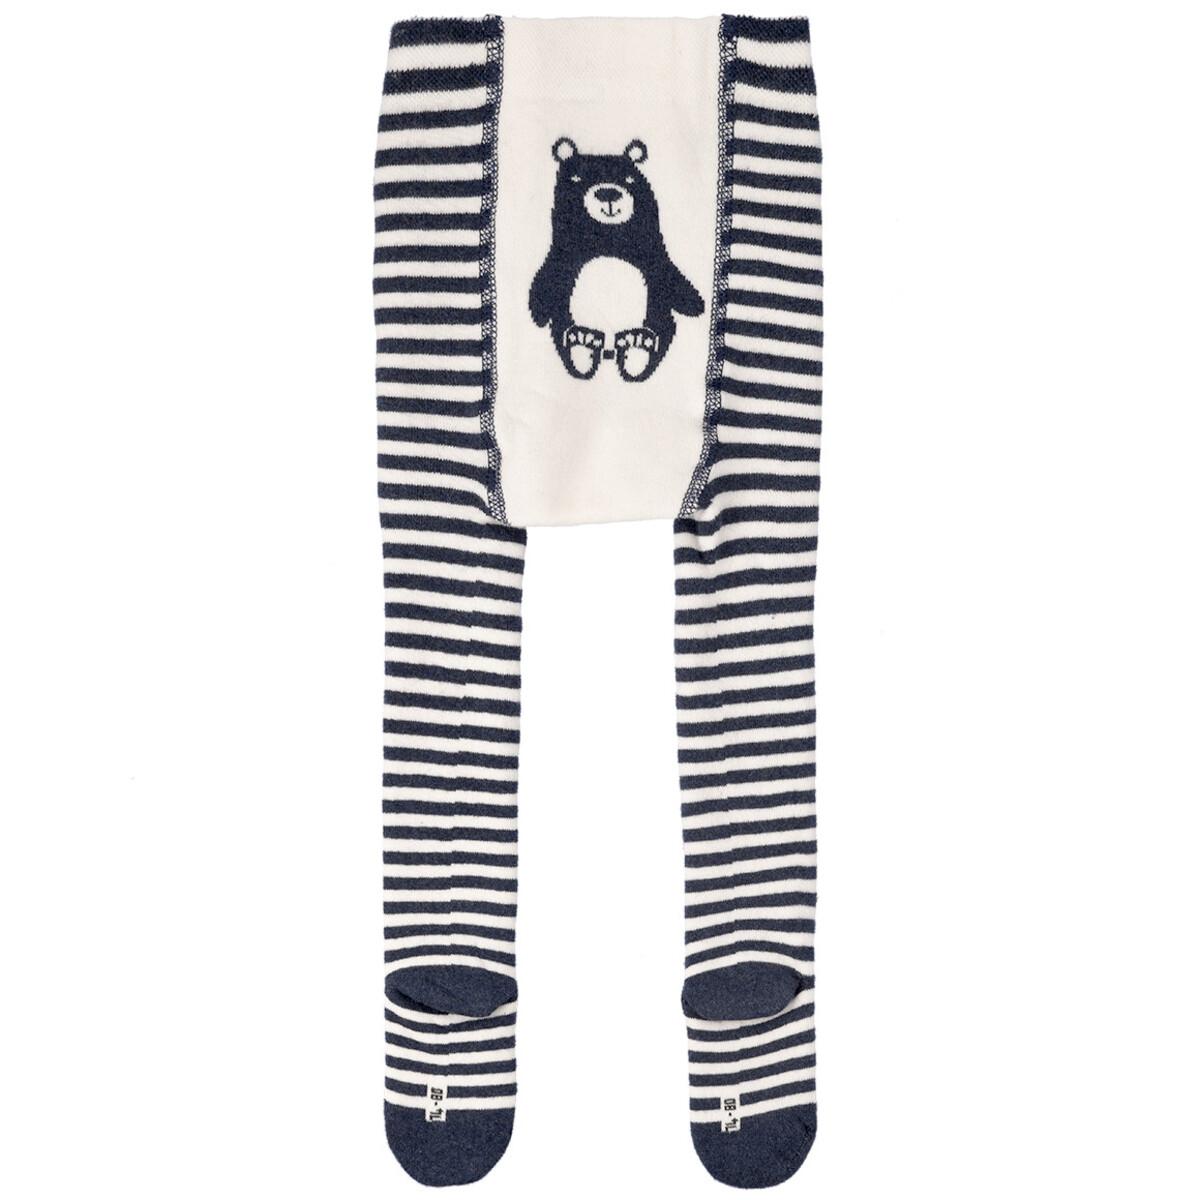 Bild 2 von Baby Strumpfhose mit Bären-Motiv